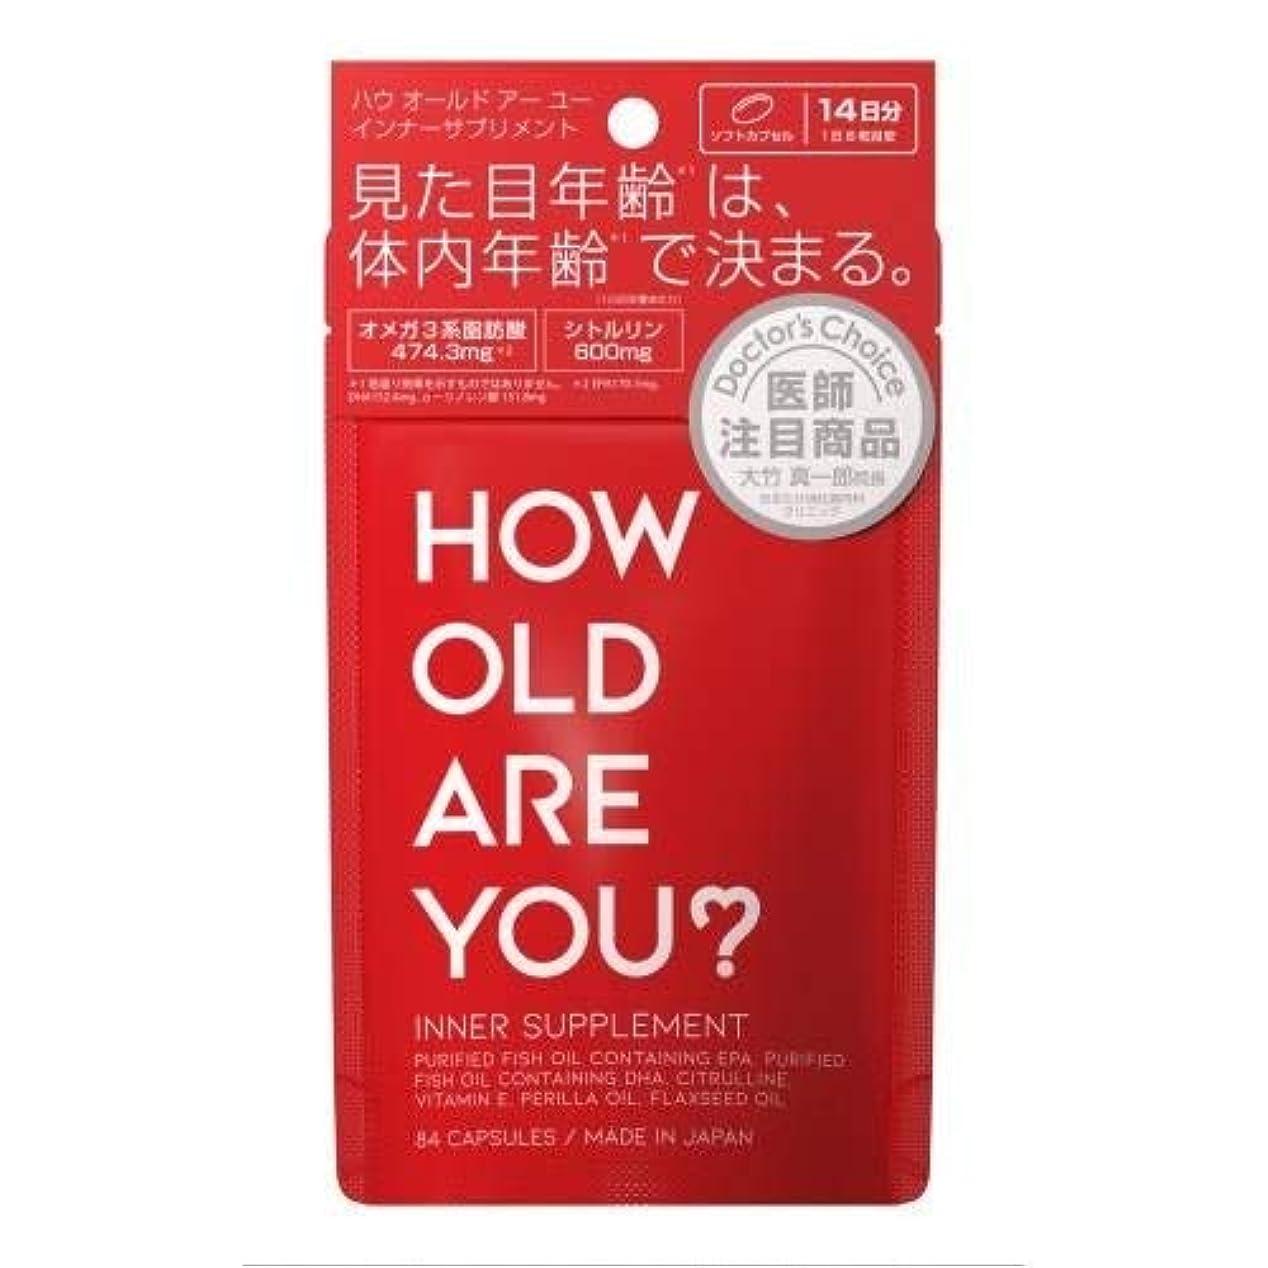 詐欺師爆風移行HOW OLD ARE YOU?(ハウオールドアーユー) インナーサプリメント 84粒